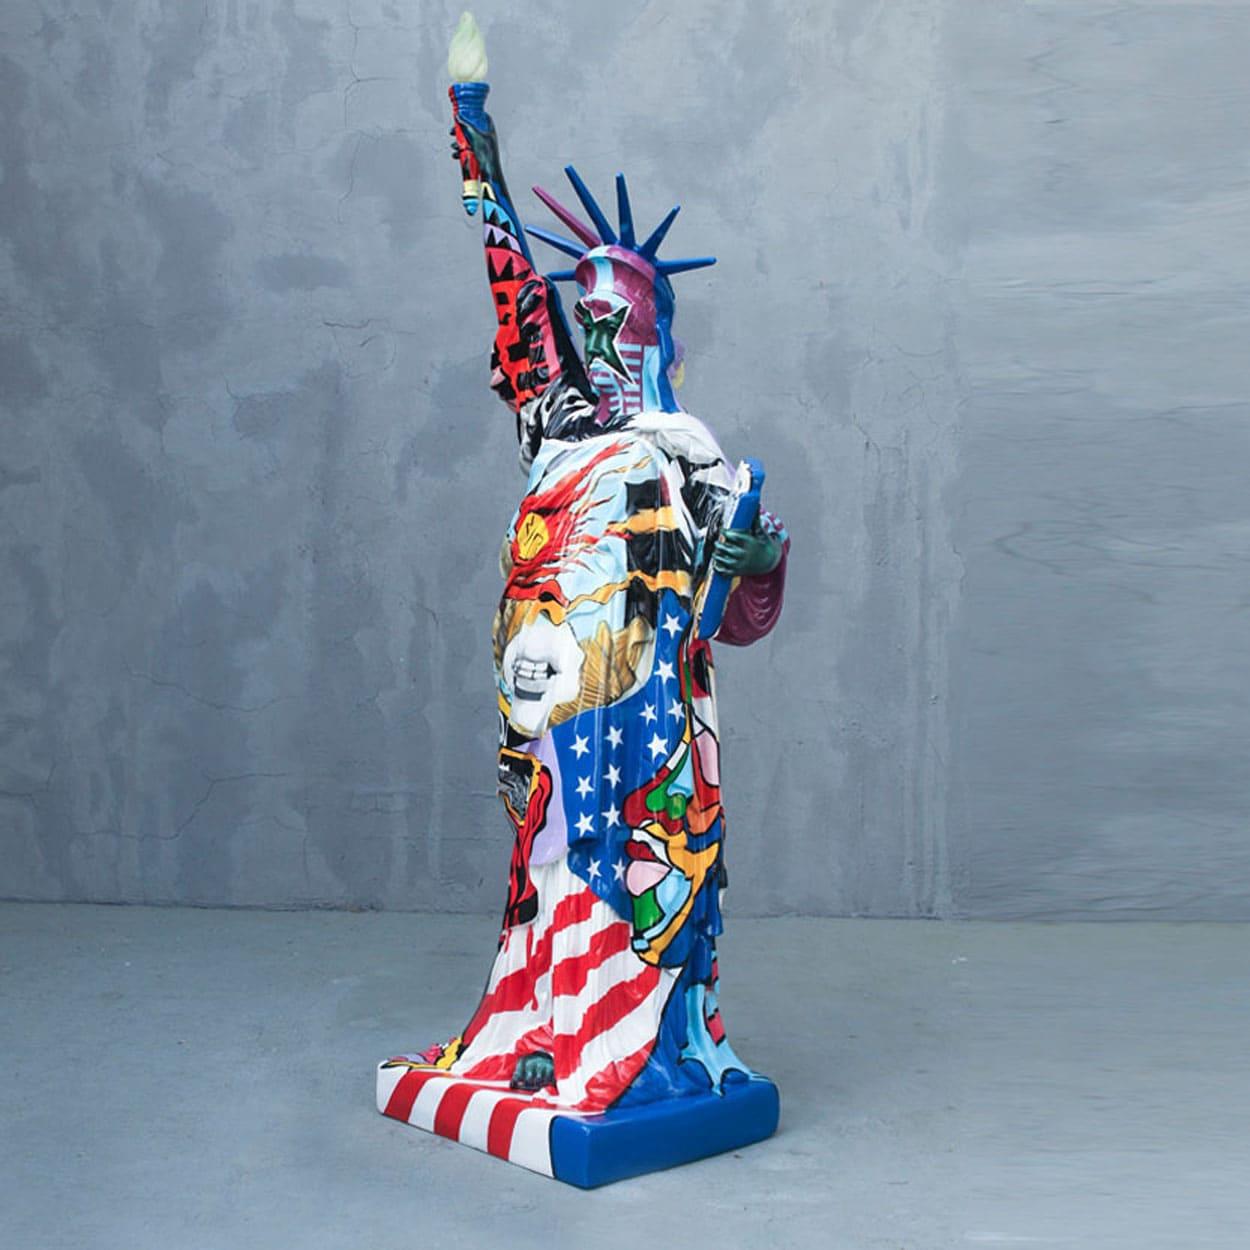 פסל החירות בפופ ארט